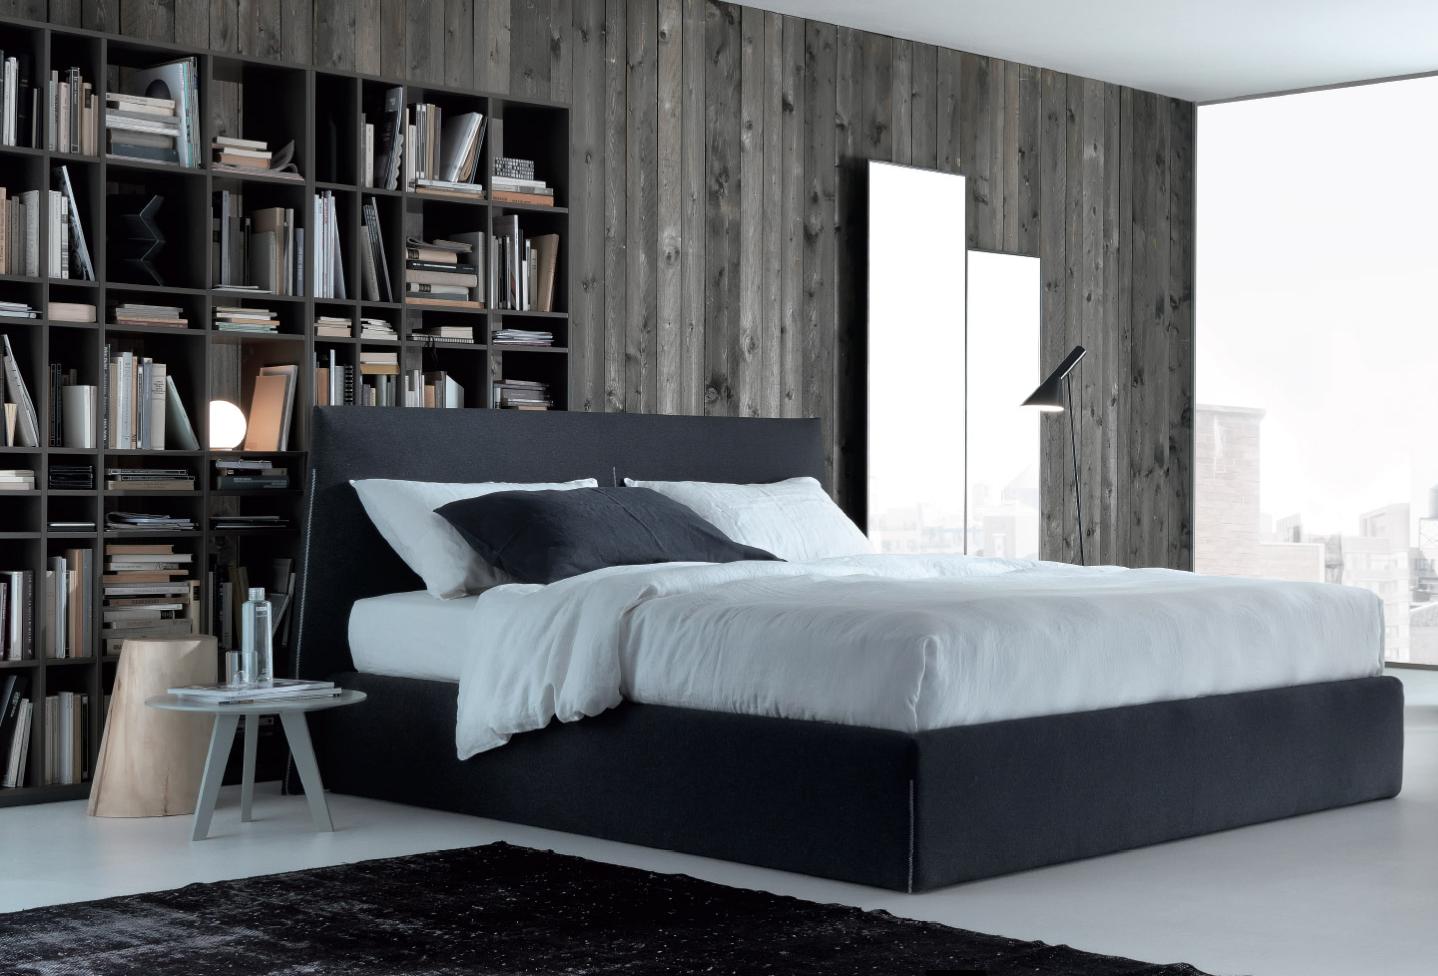 Interni d 39 autore arredamenti camera da letto - Interni camere da letto ...